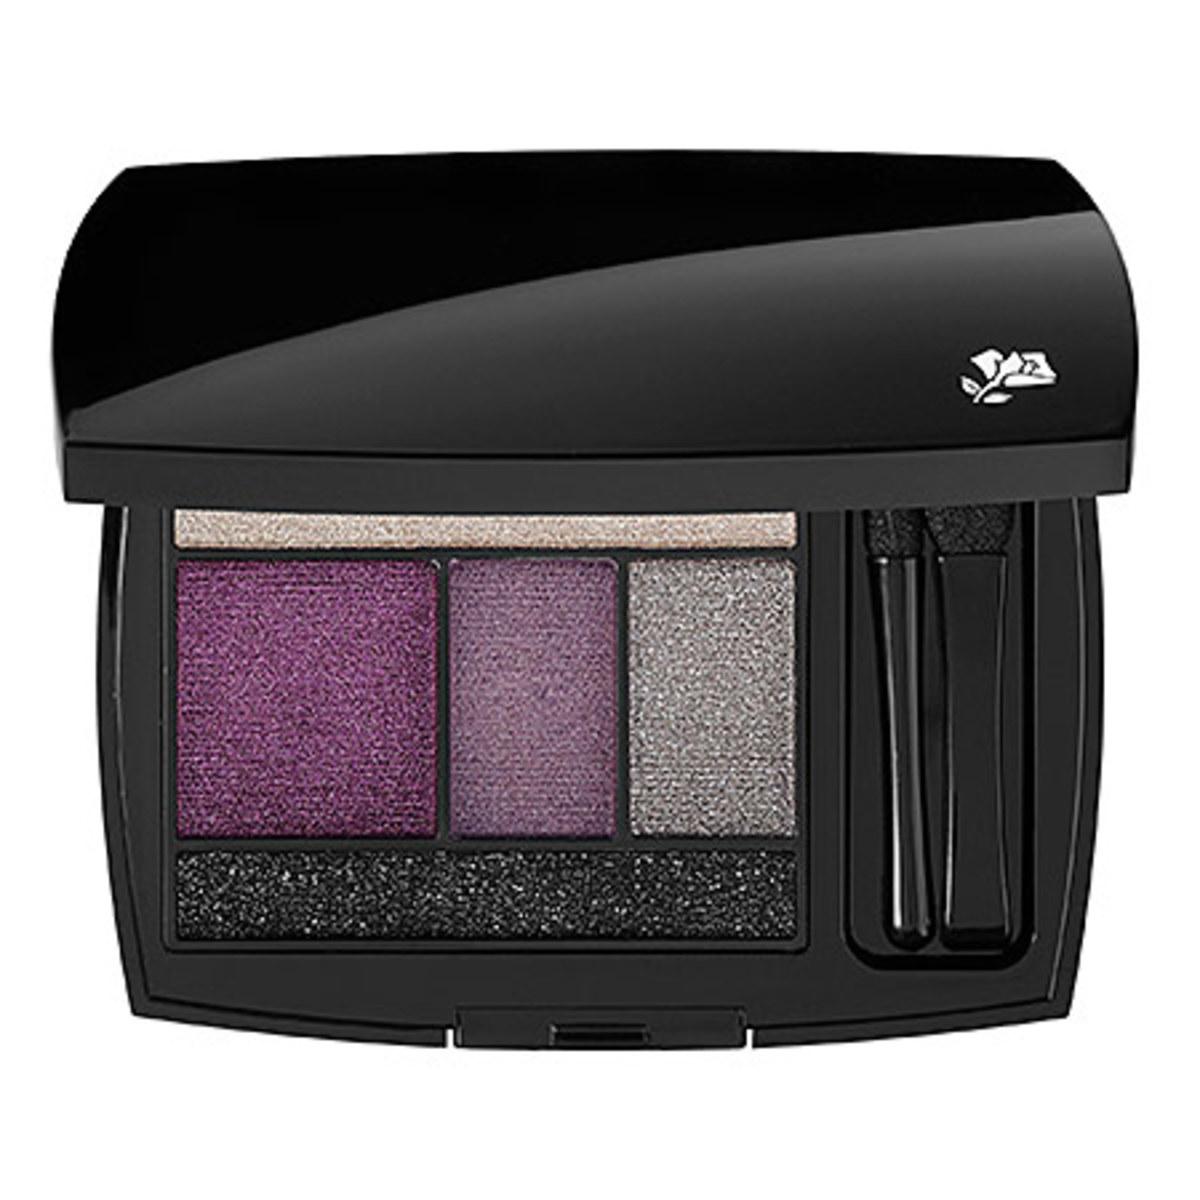 Lancome Color Design 5 Shadow & Liner Palette in Mauve Cherie